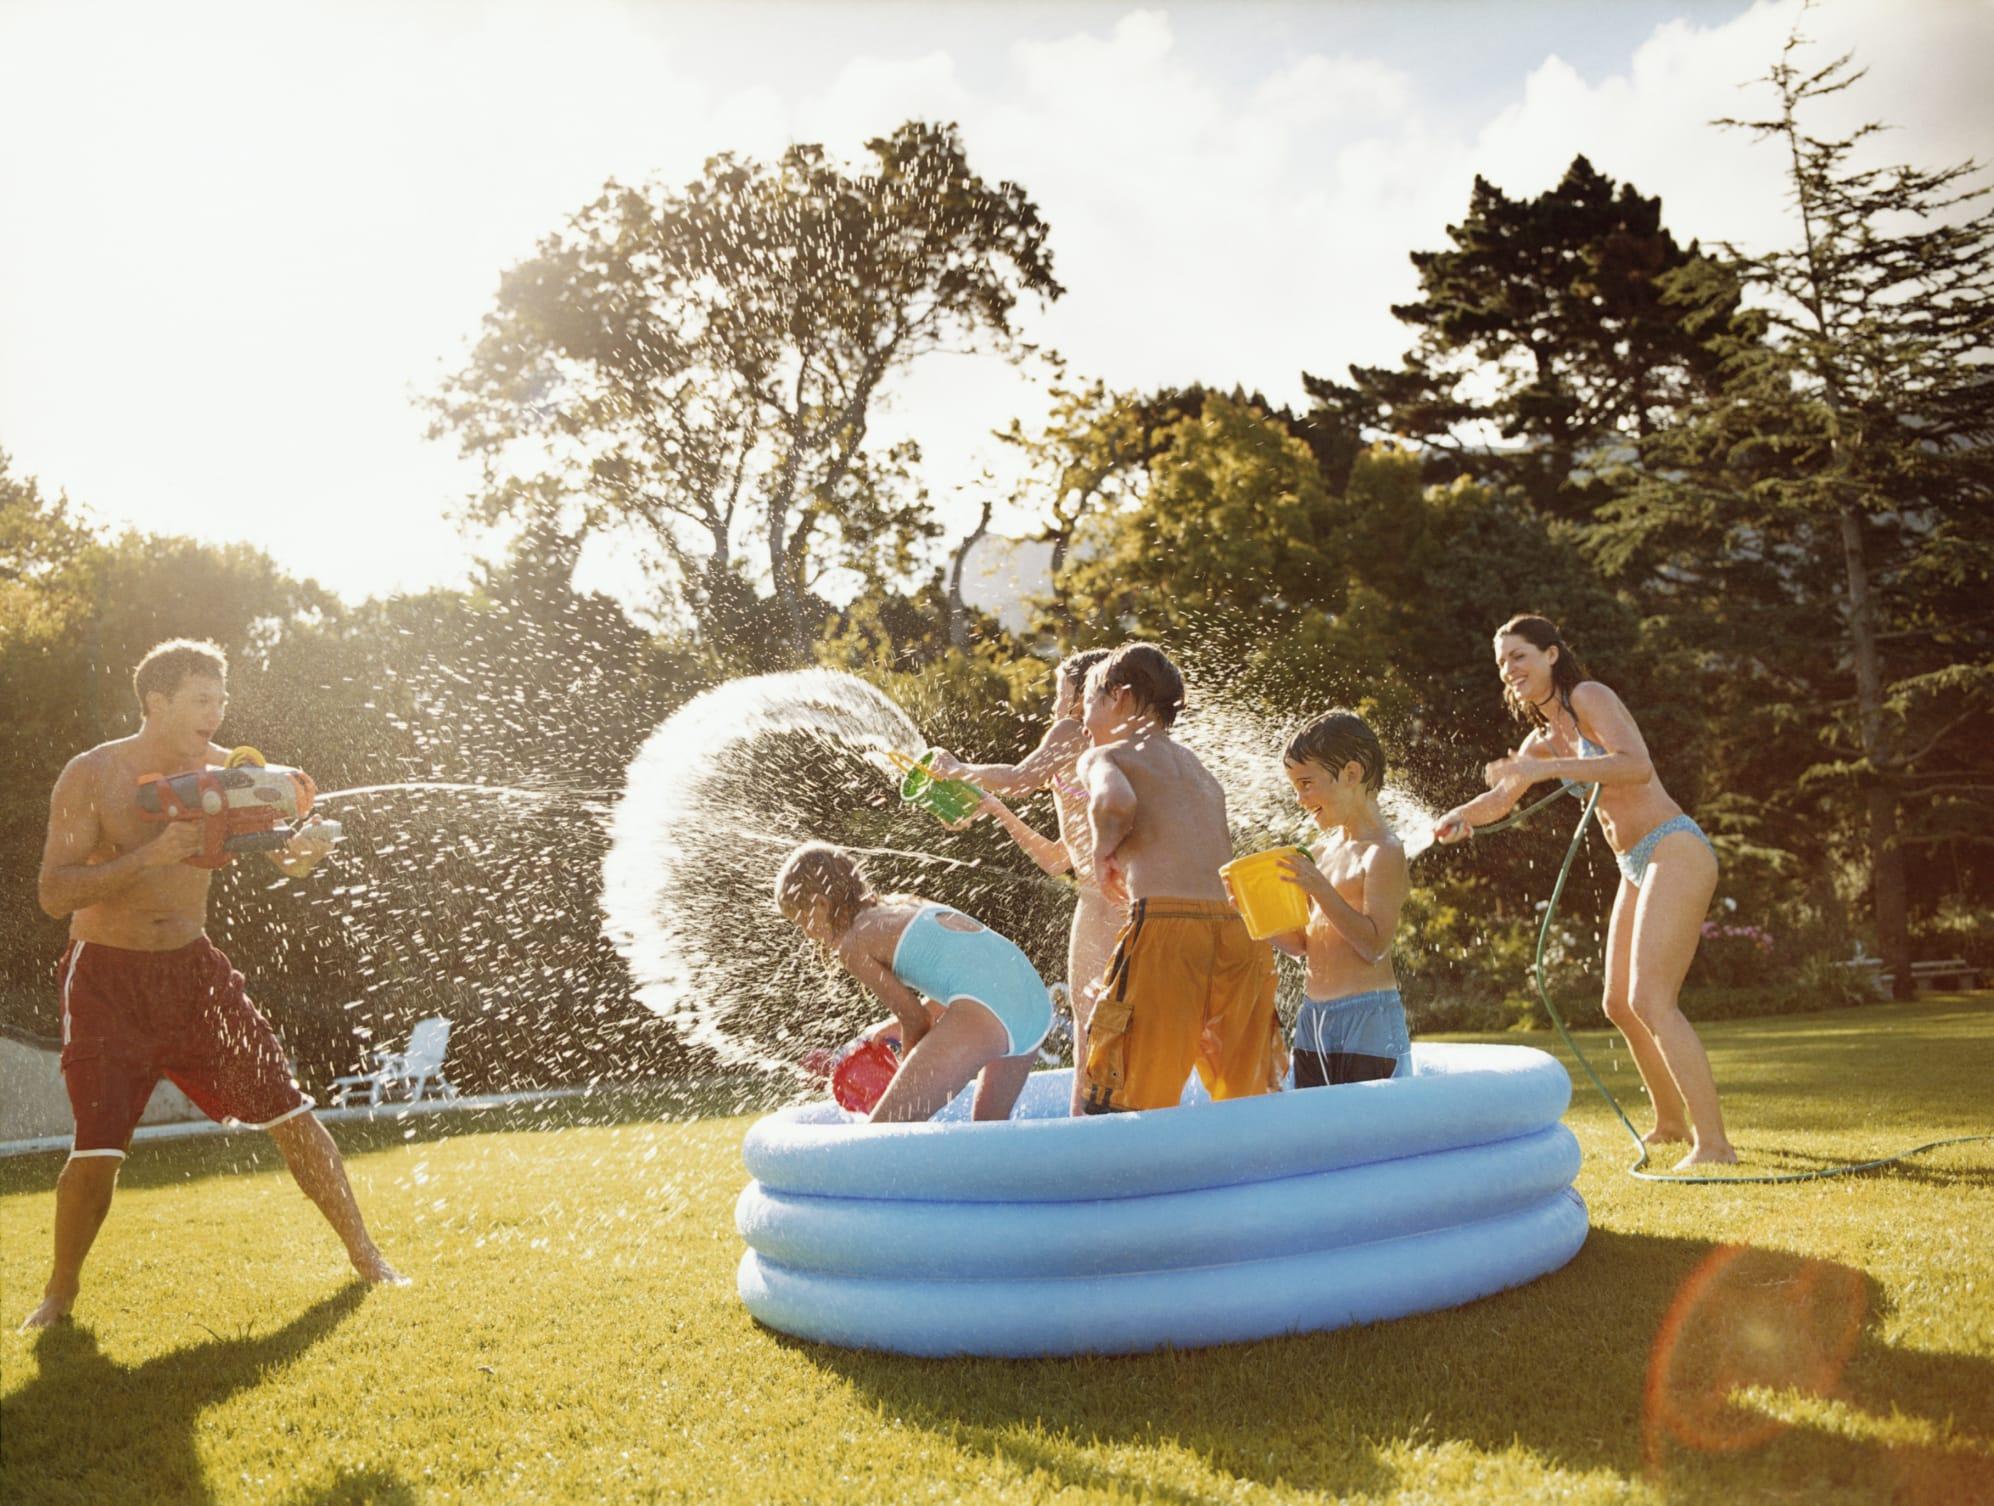 Giochi Per Bambini In Giardino giochi con acqua per bambini - non sprecare